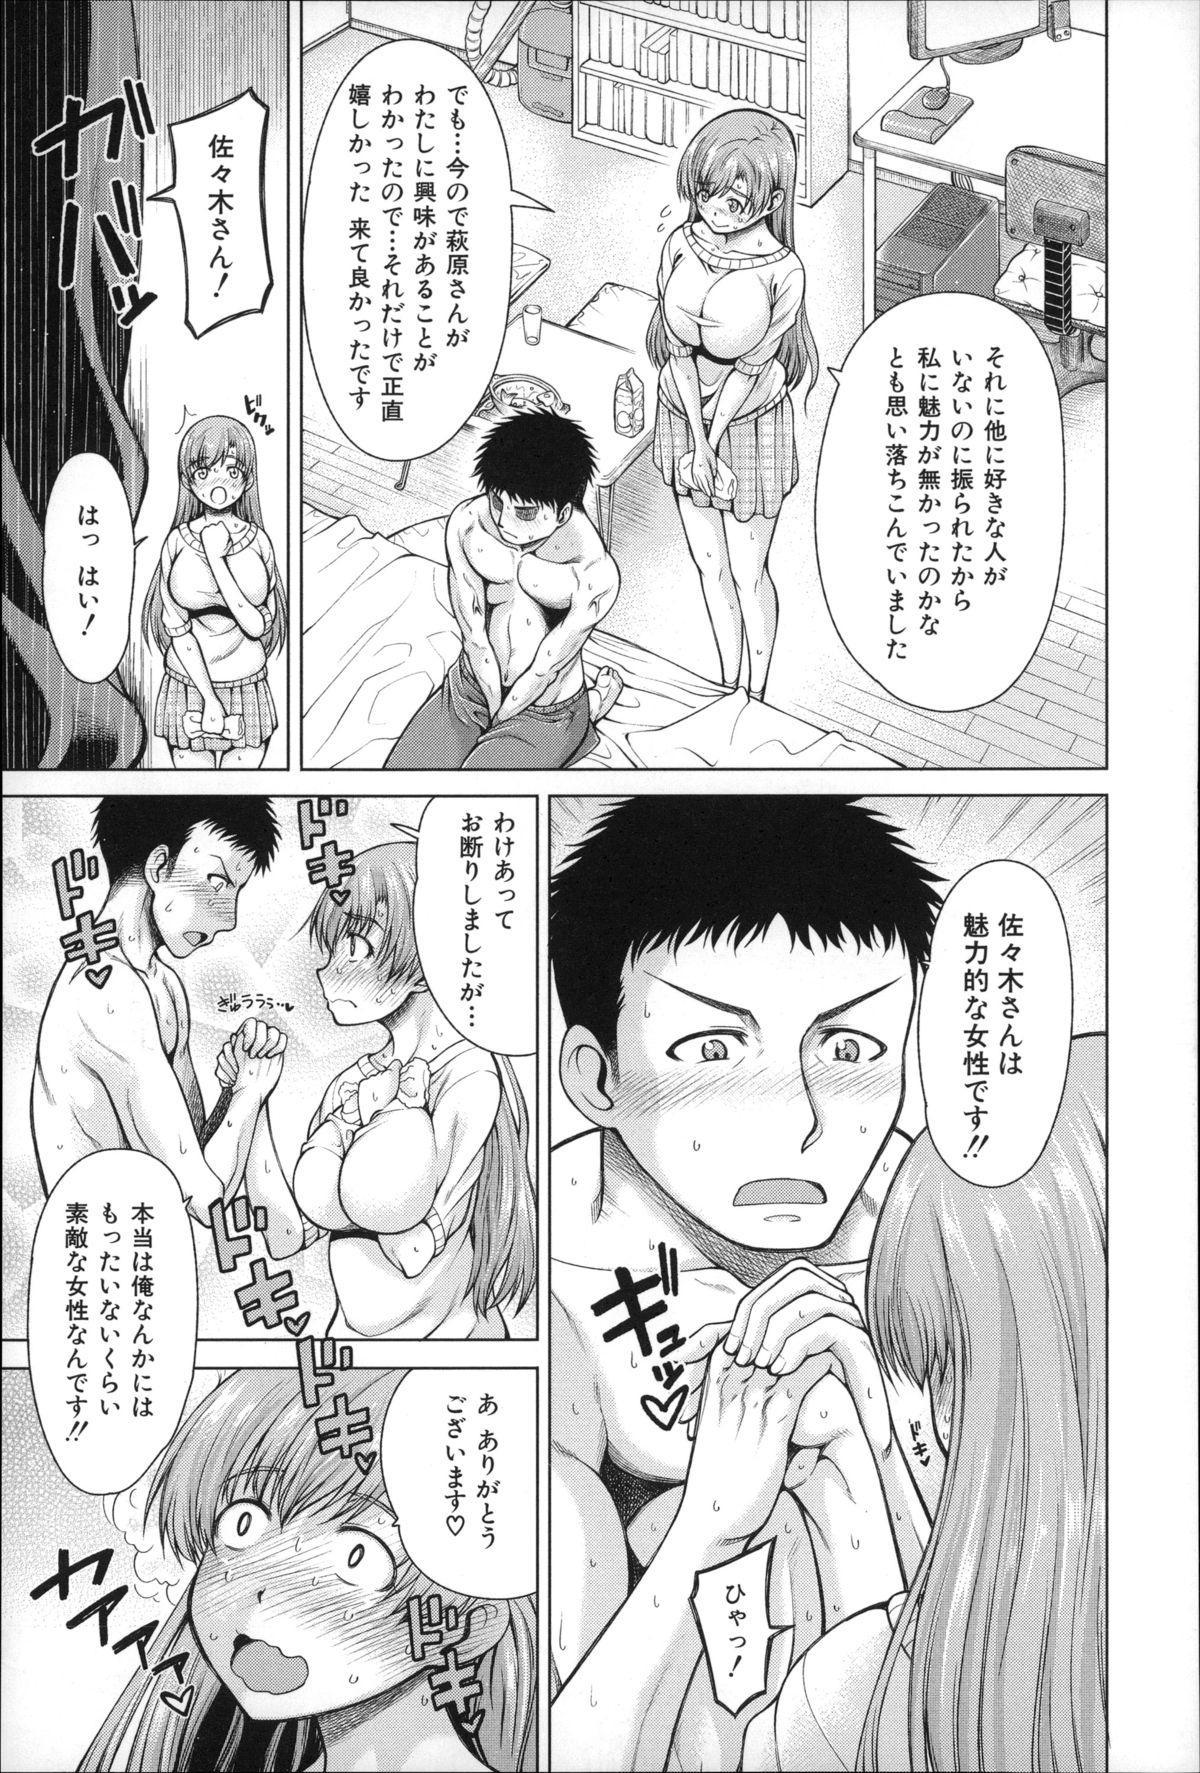 Migite ga Bishoujo ni Natta kara Sex Shita kedo Doutei dayone!! 89